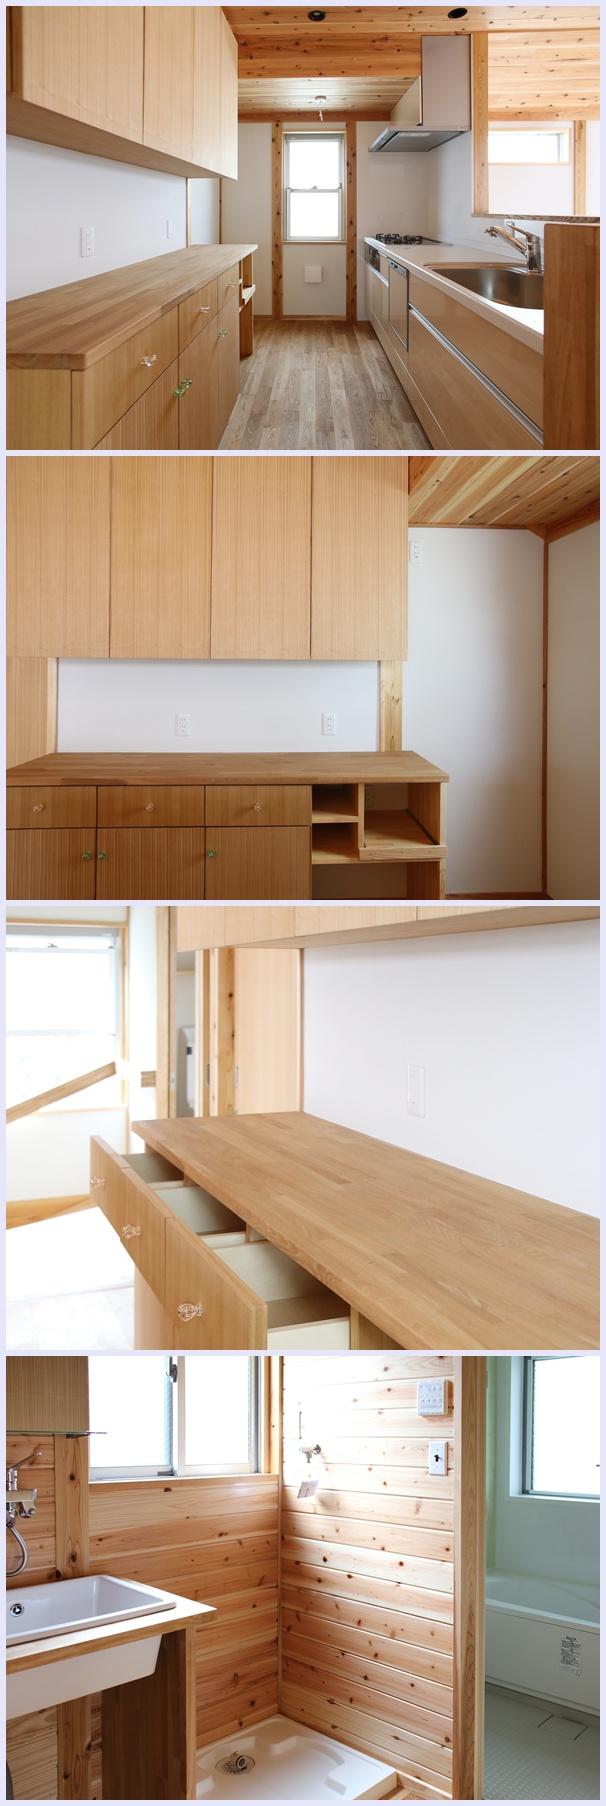 横浜市泉区の家☆竣工しました!_c0152341_1234096.jpg